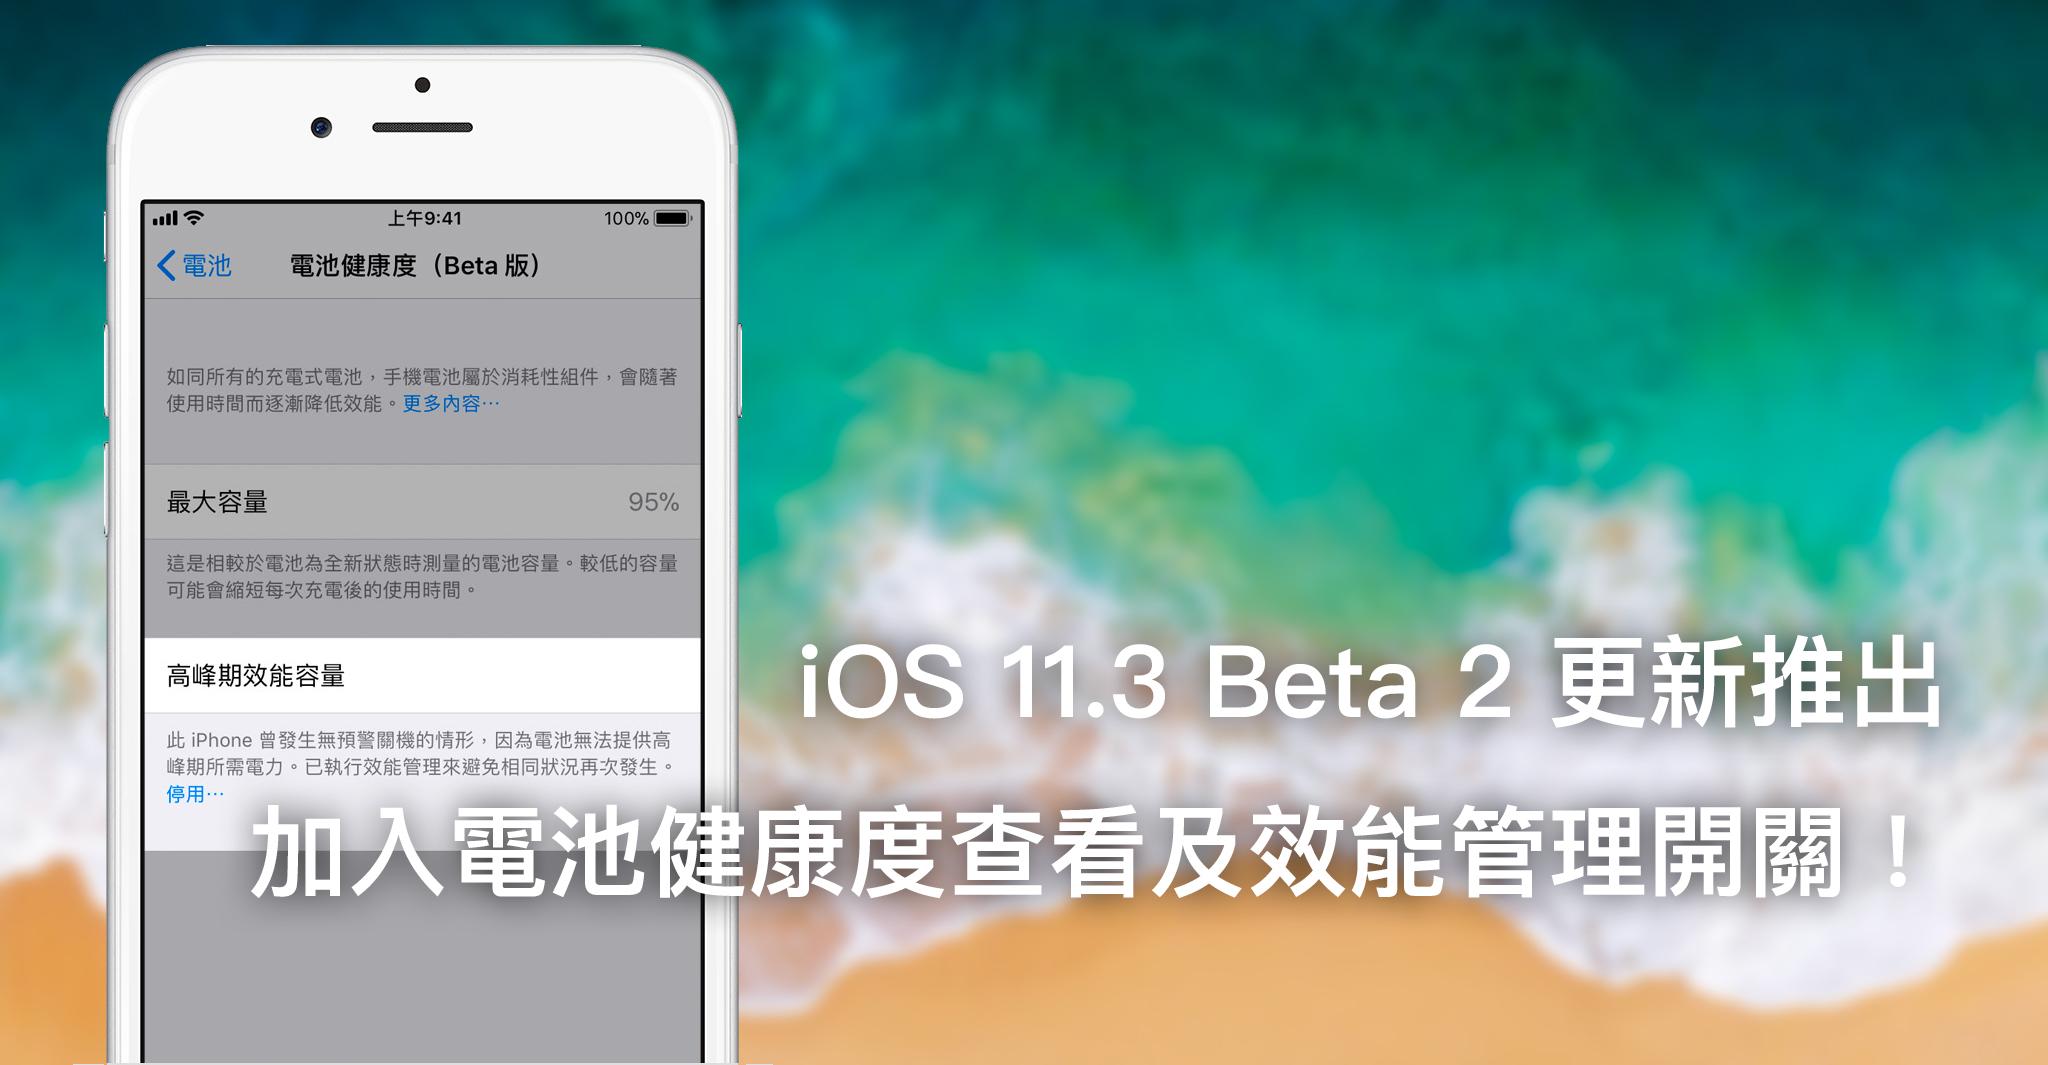 iOS 11.3 Beta 2 更新推出 加入電池健康度查看及效能管理開關!